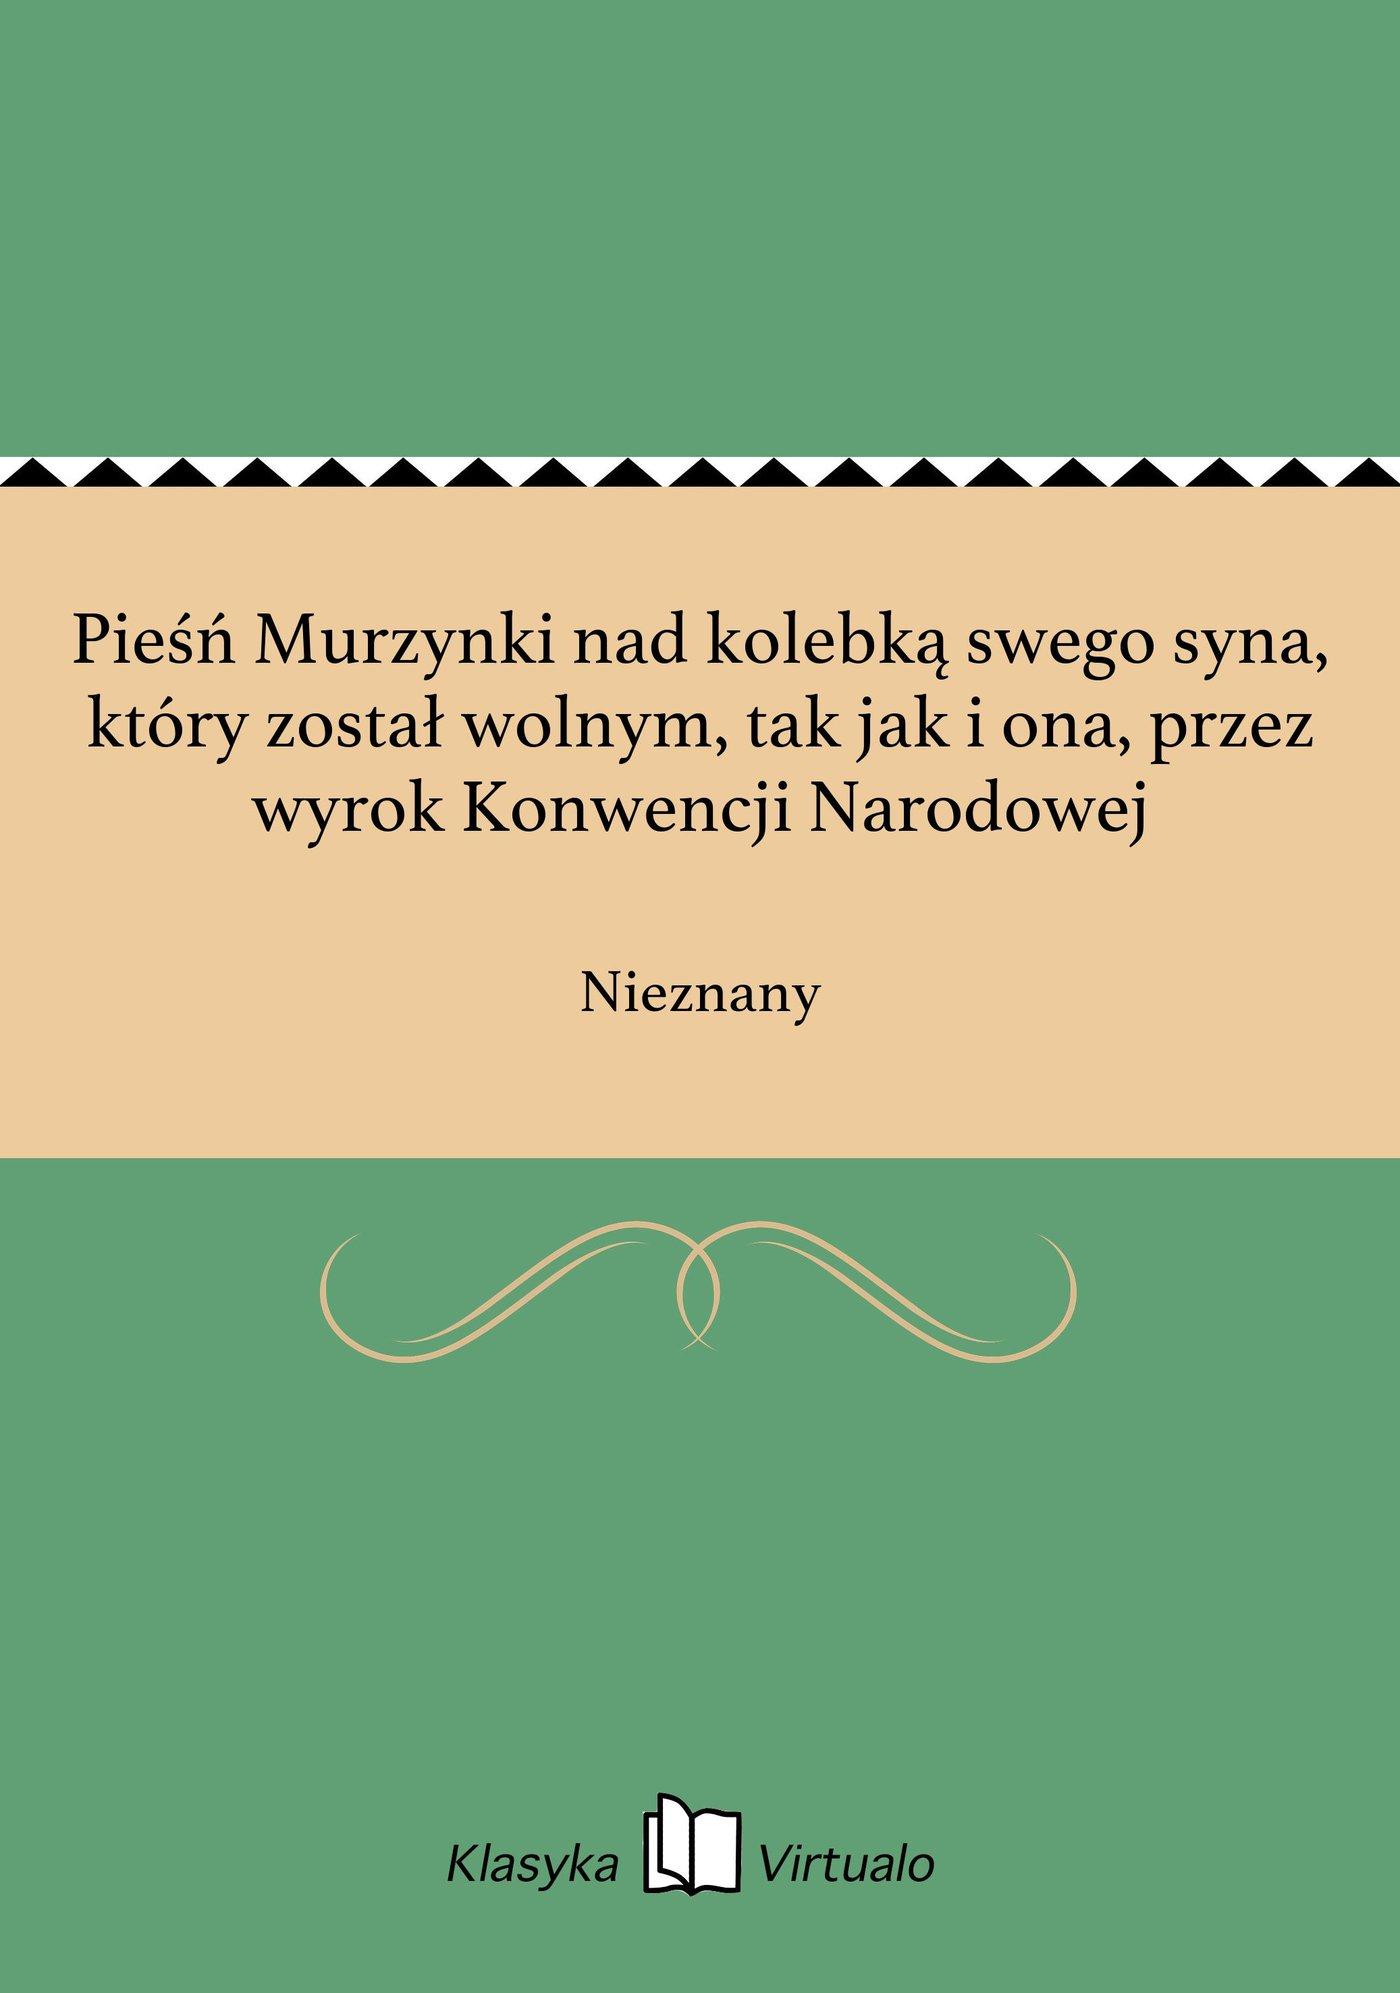 Pieśń Murzynki nad kolebką swego syna, który został wolnym, tak jak i ona, przez wyrok Konwencji Narodowej - Ebook (Książka EPUB) do pobrania w formacie EPUB